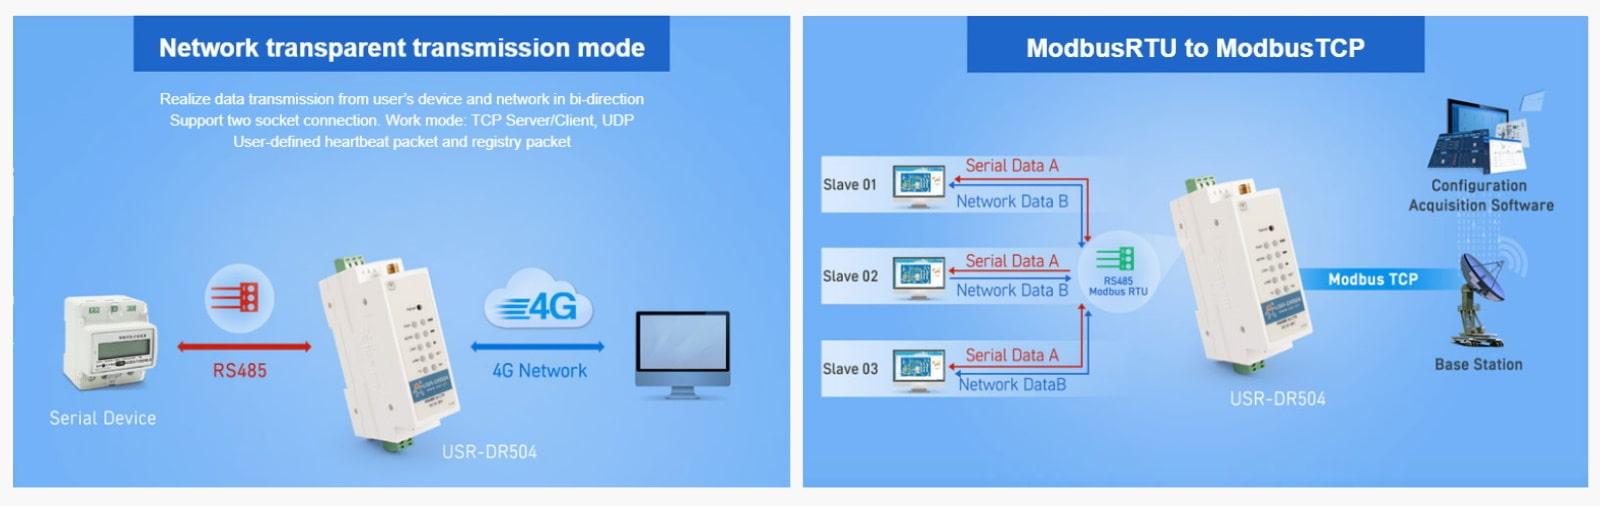 ماژول صنعتی USR-DR504-E برای انتقال داده RS485 به 4G